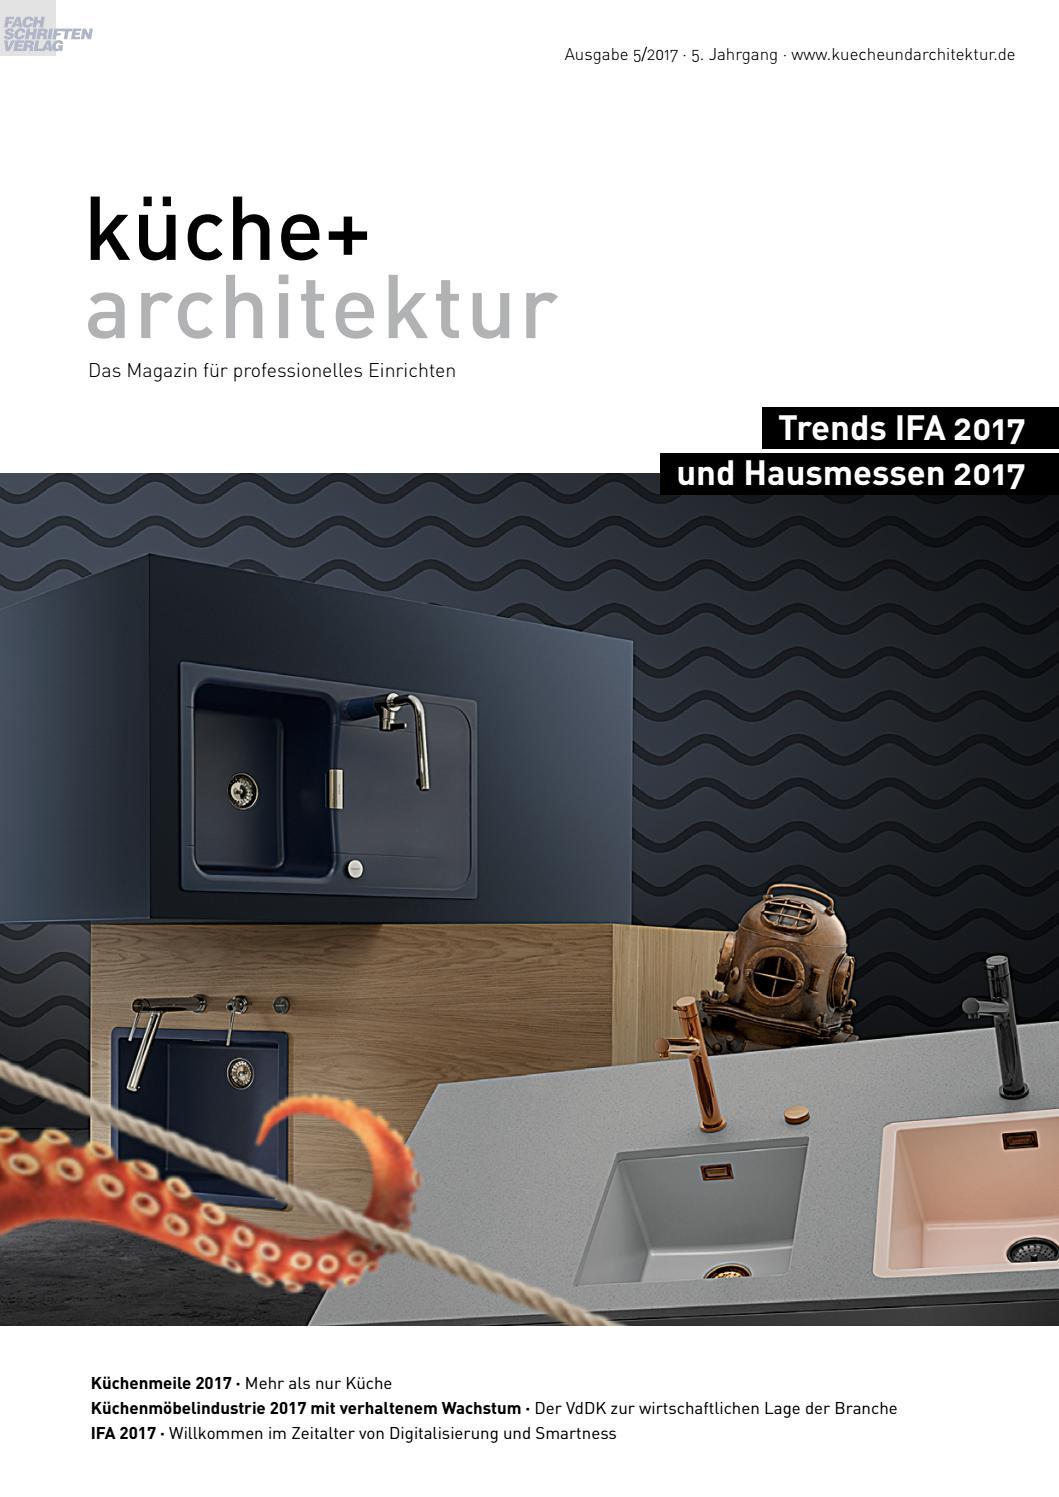 Schon Küche + Architektur 5/2017 By Fachschriften Verlag   Issuu